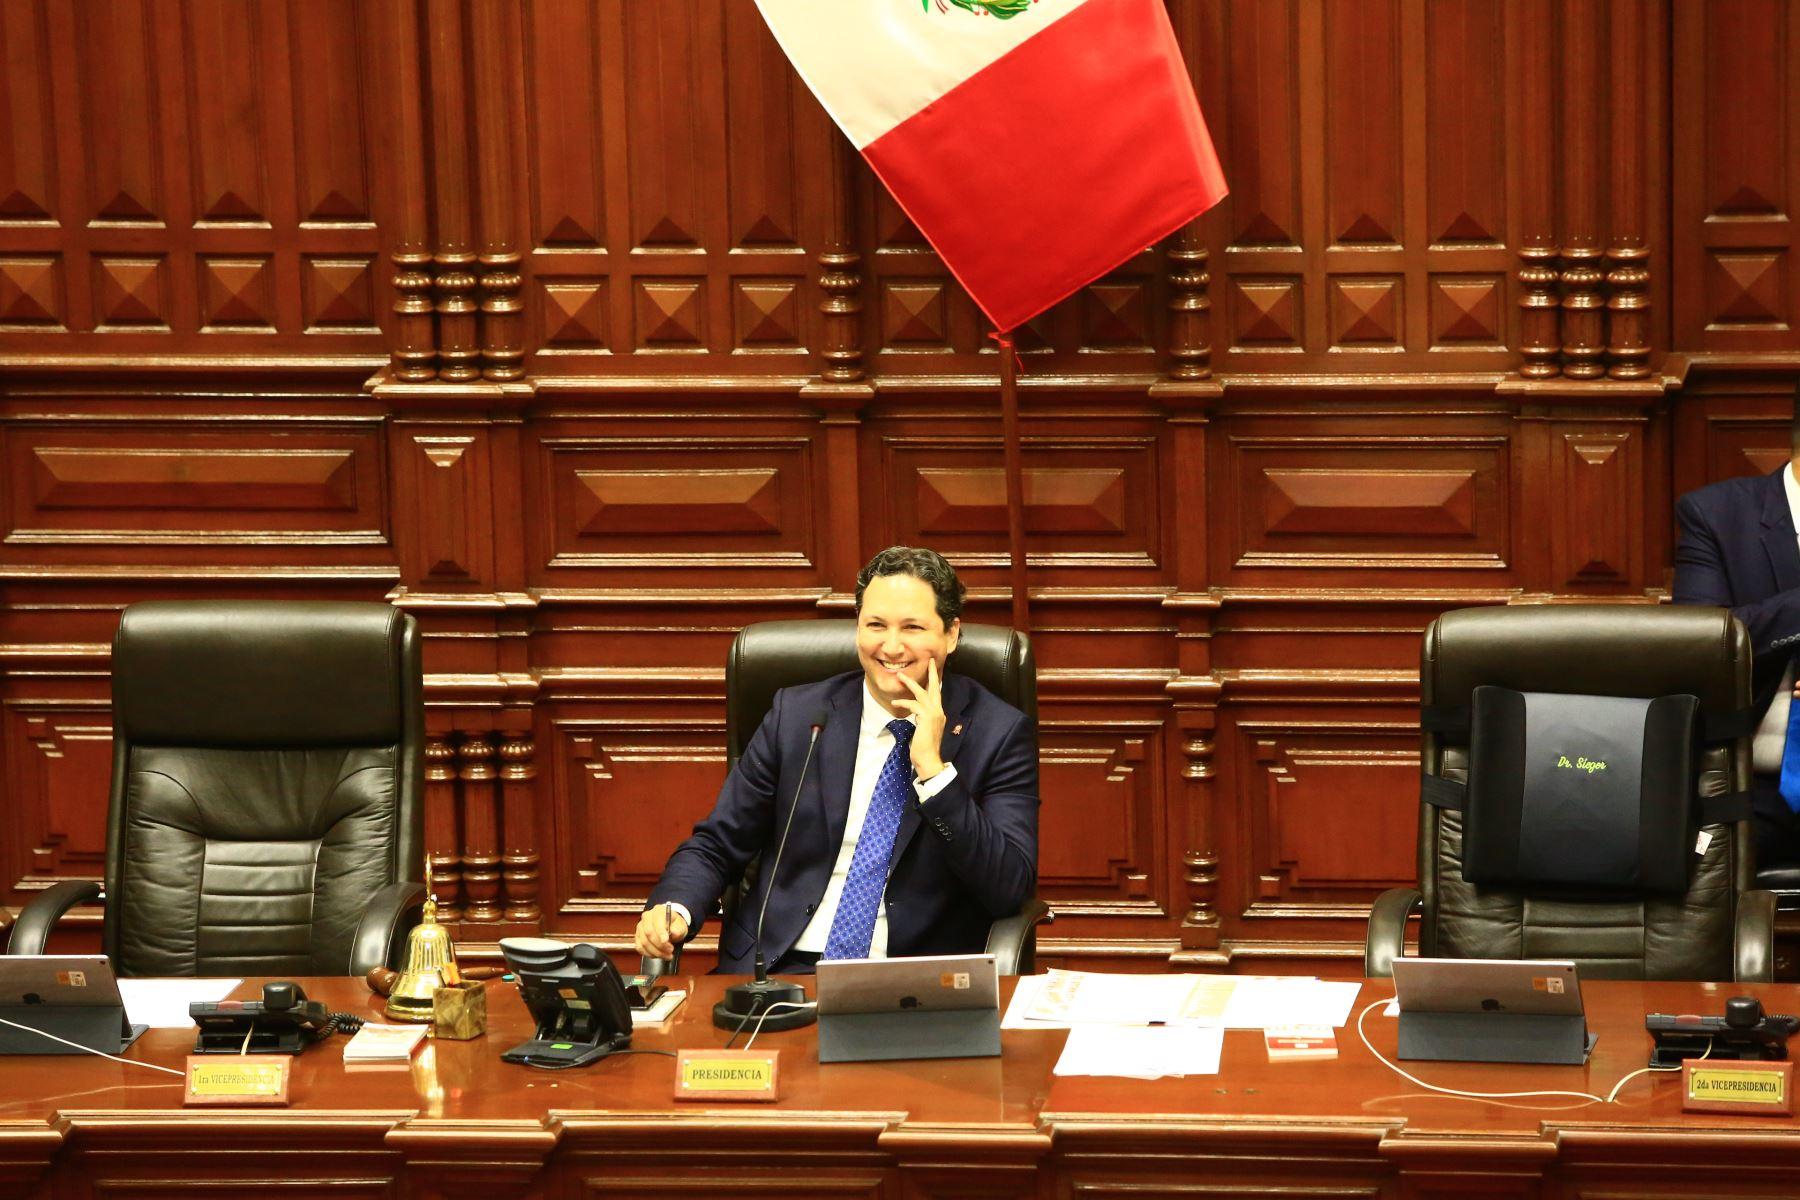 Presidente del Congreso, Daniel Salaverry dirige  el pleno del Congreso que  debate los proyectos de reforma política presentadas por el Poder Ejecutivo.   Foto: ANDINA/Pedro Cardenas